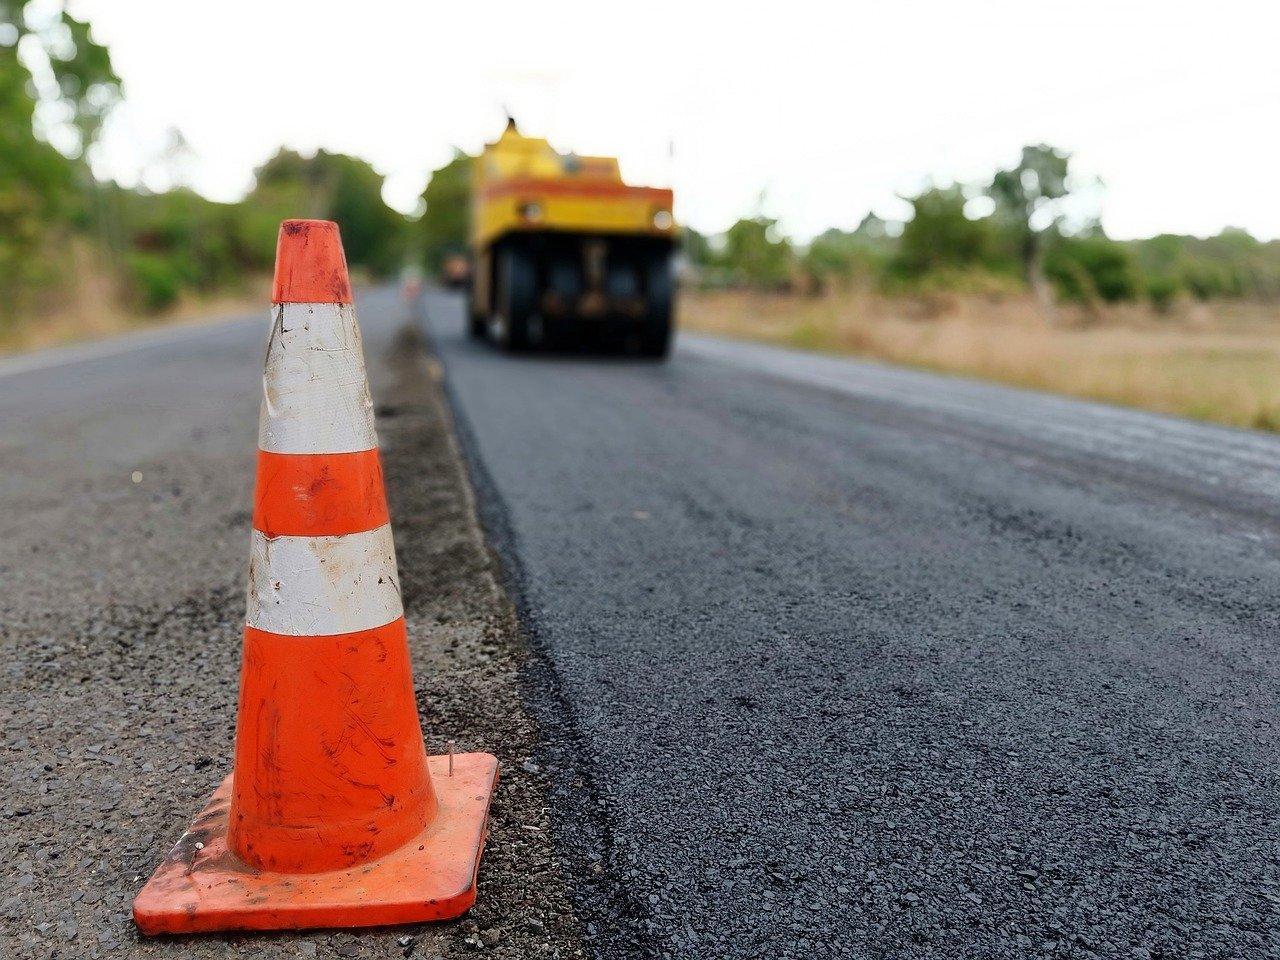 У Фастові проведуть капітальний ремонт доріг - Фастів, капітальний ремонт доріг - construction 4216749 1280